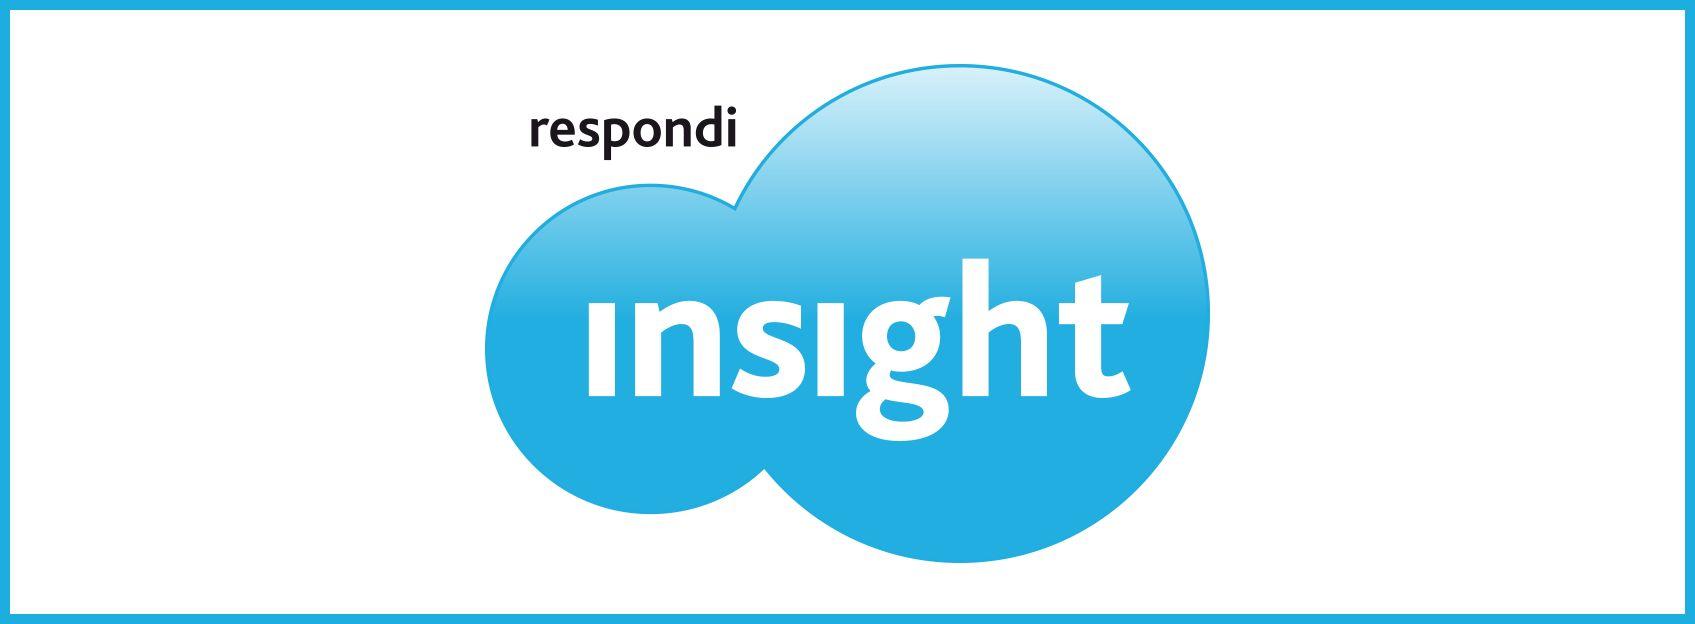 Des études quali online plus précises grâce à l'Insight Community 2.0